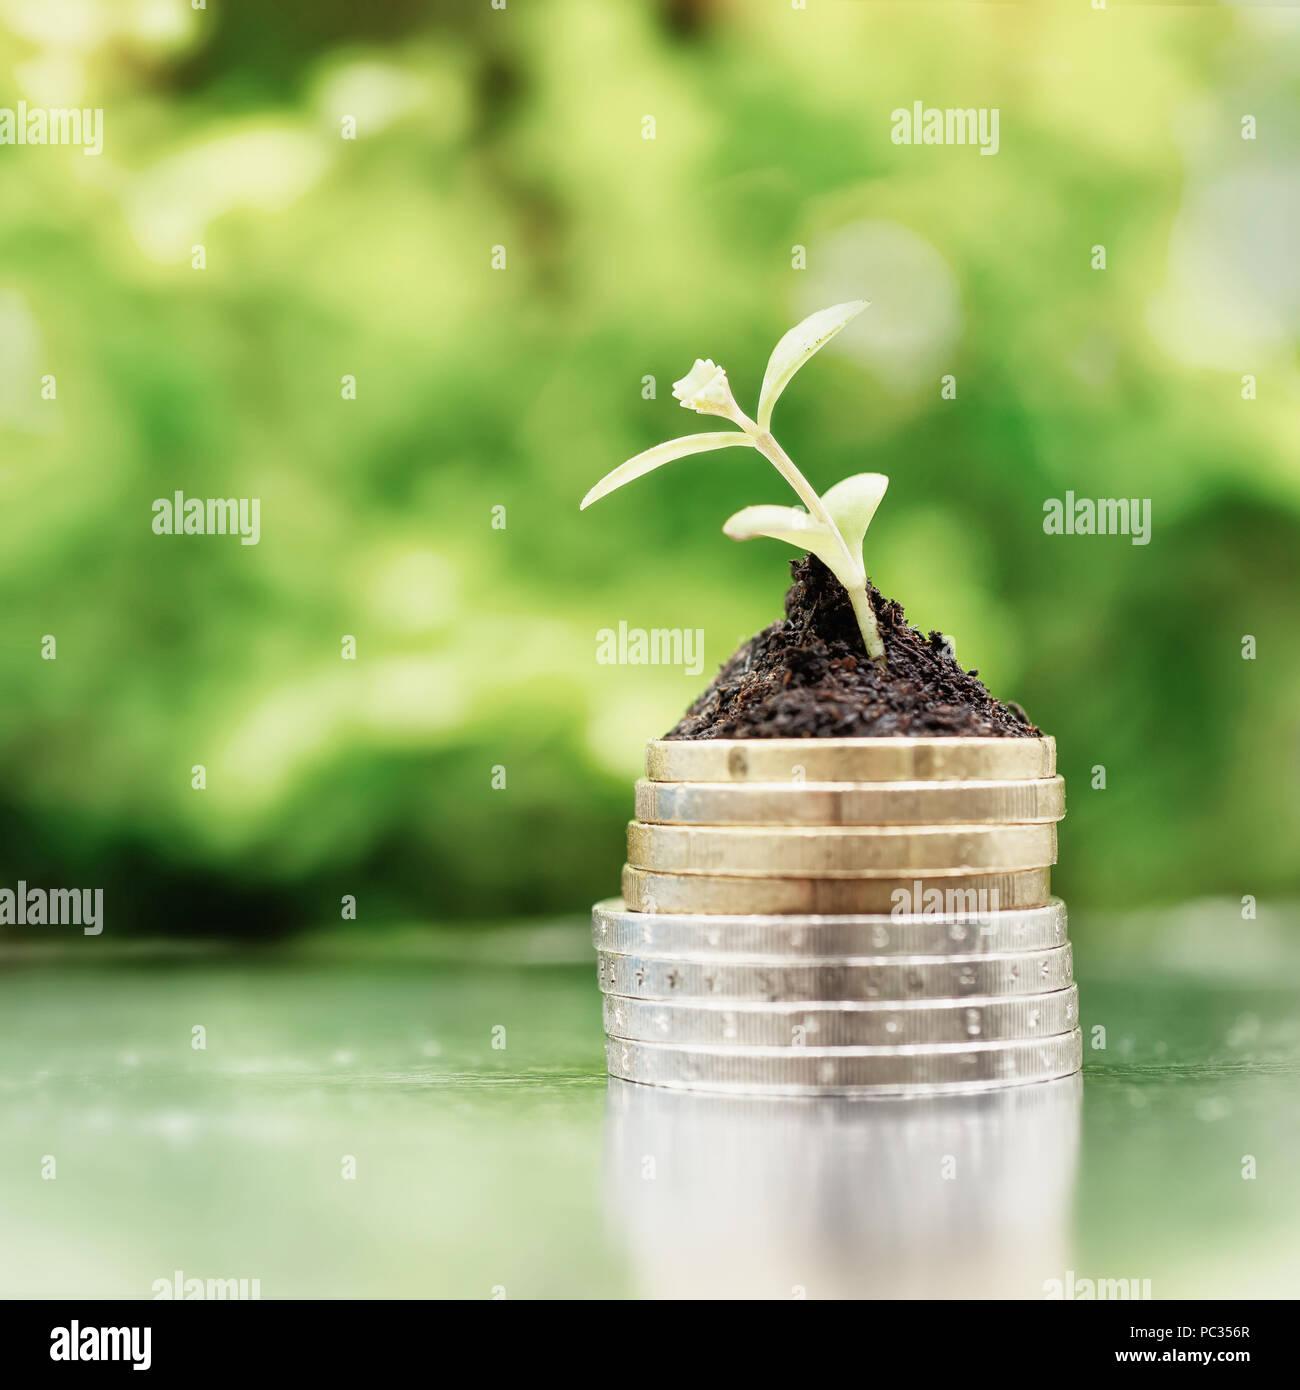 Münzen im Boden mit jungen Pflanze auf grünem Hintergrund. Geld Wachstum Konzept. High Key Filter. Stockbild